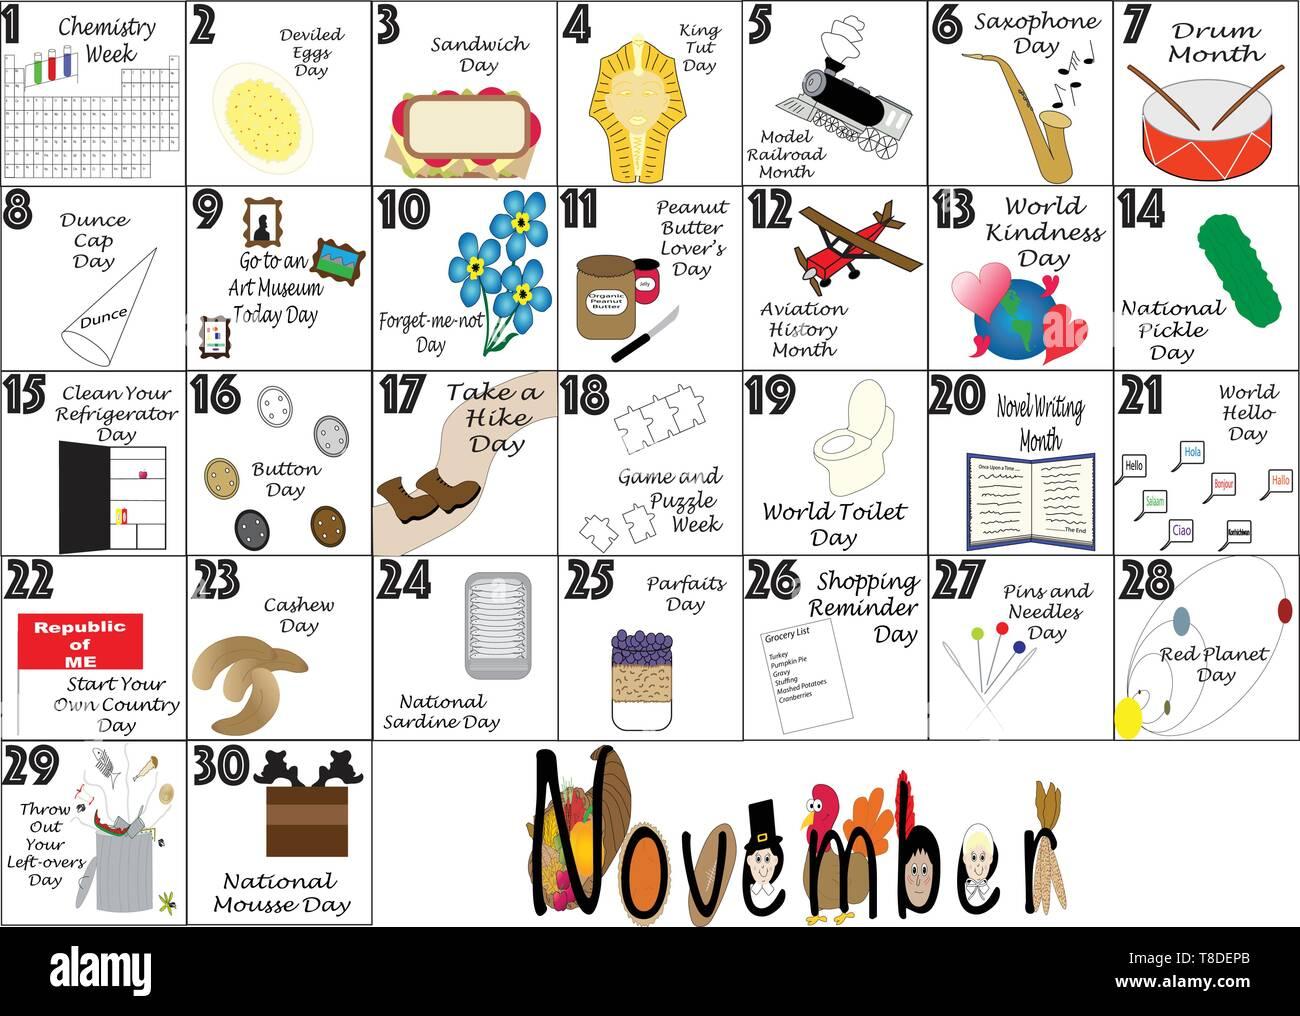 Novembre 2020 Calendario.Novembre 2020 Calendario Illustrato Con Daily Quirky